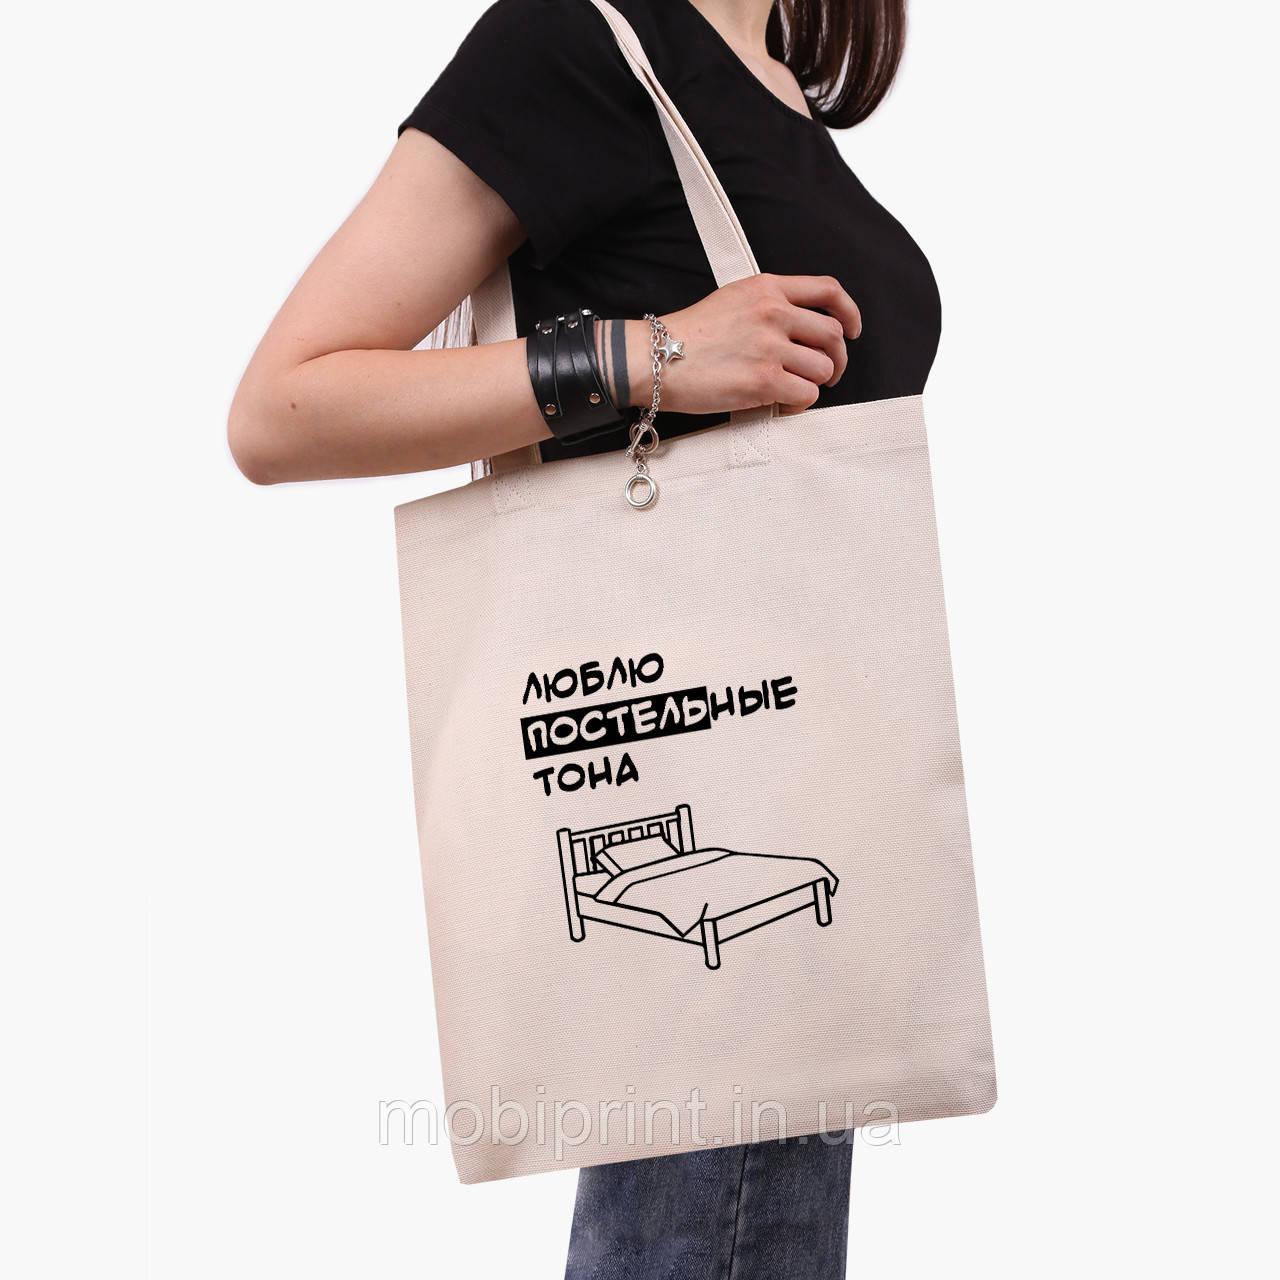 Эко сумка шоппер Люблю постельные тона (I love bed colors) (9227-1543)  экосумка шопер 41*35 см